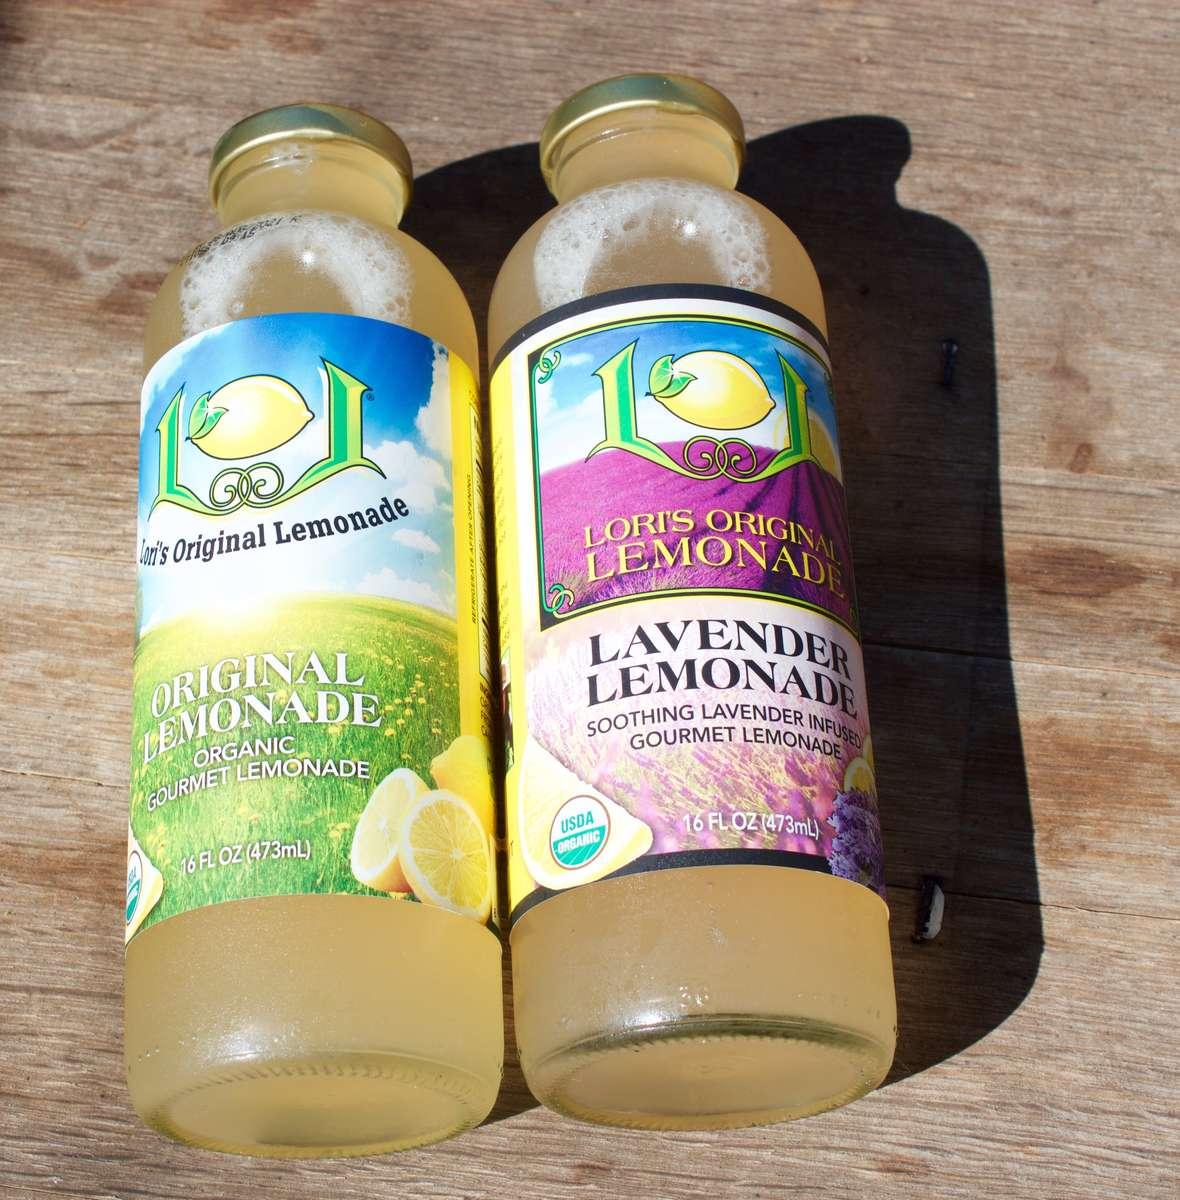 Lori's Organic Lemonade